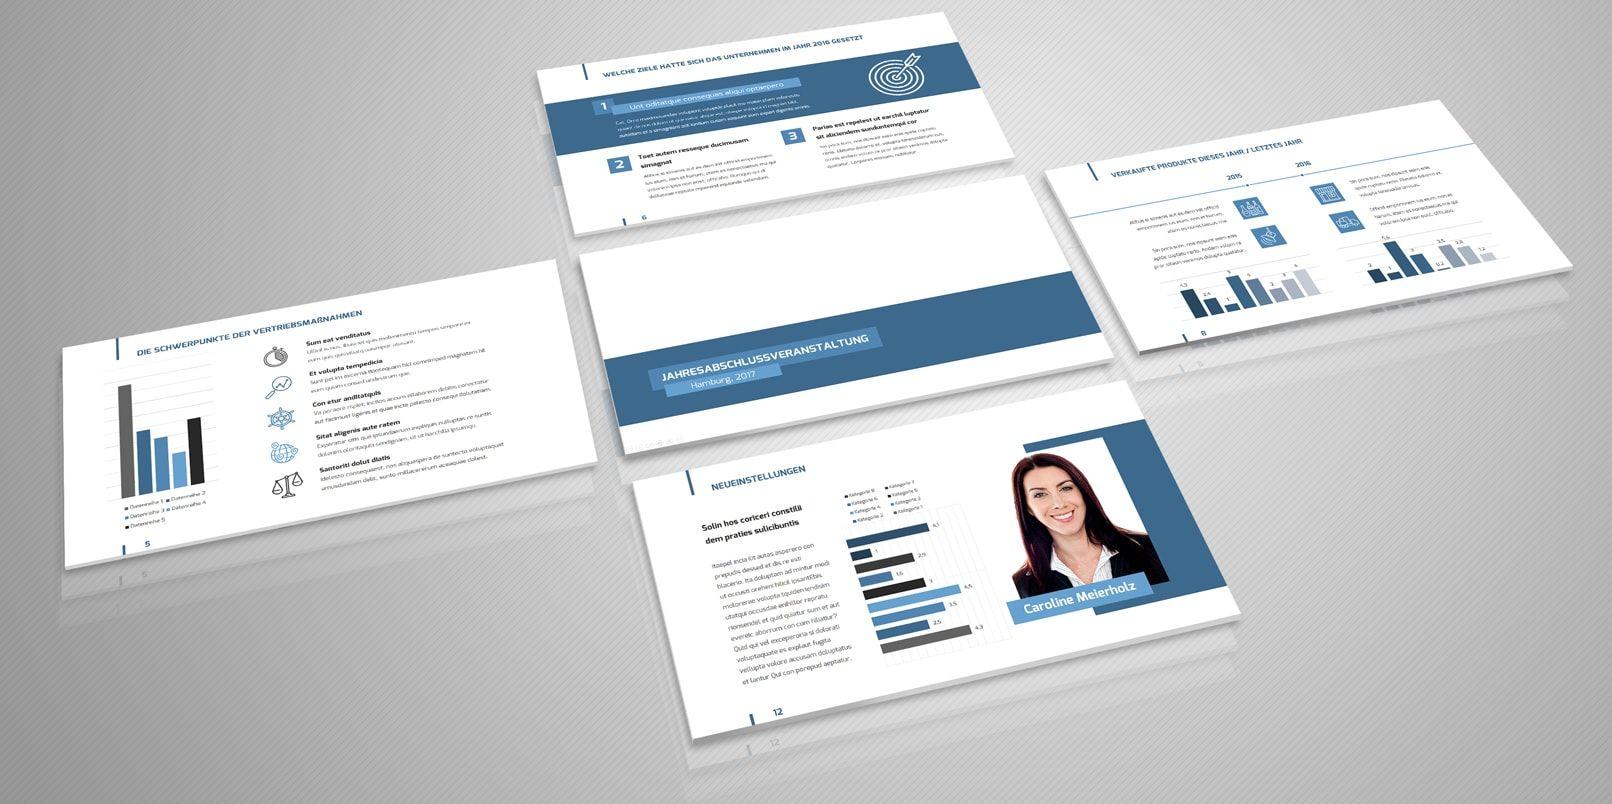 Professionelle Powerpoint Vorlagen Fertige Designs Zur Prasentation Powerpoint Vorlagen Powerpoint Prasentation Power Point